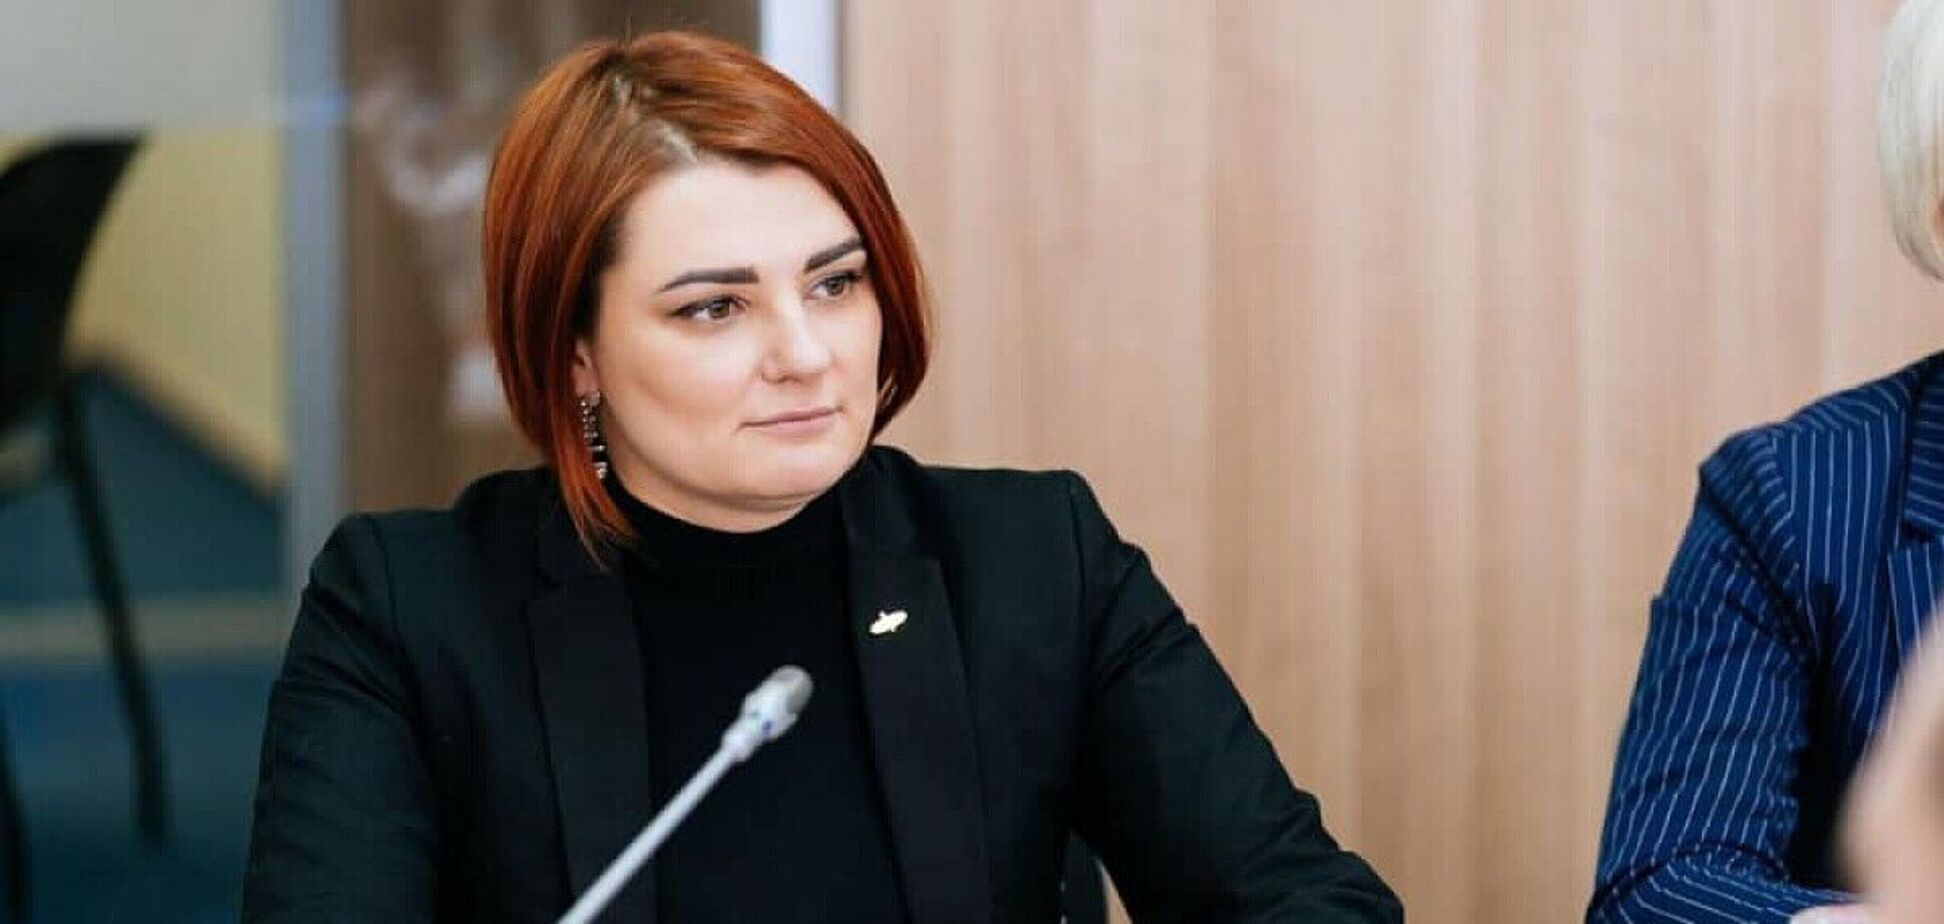 Людмила Буймістер прокоментувала підвищення тарифів на електроенергію до ринкового рівня